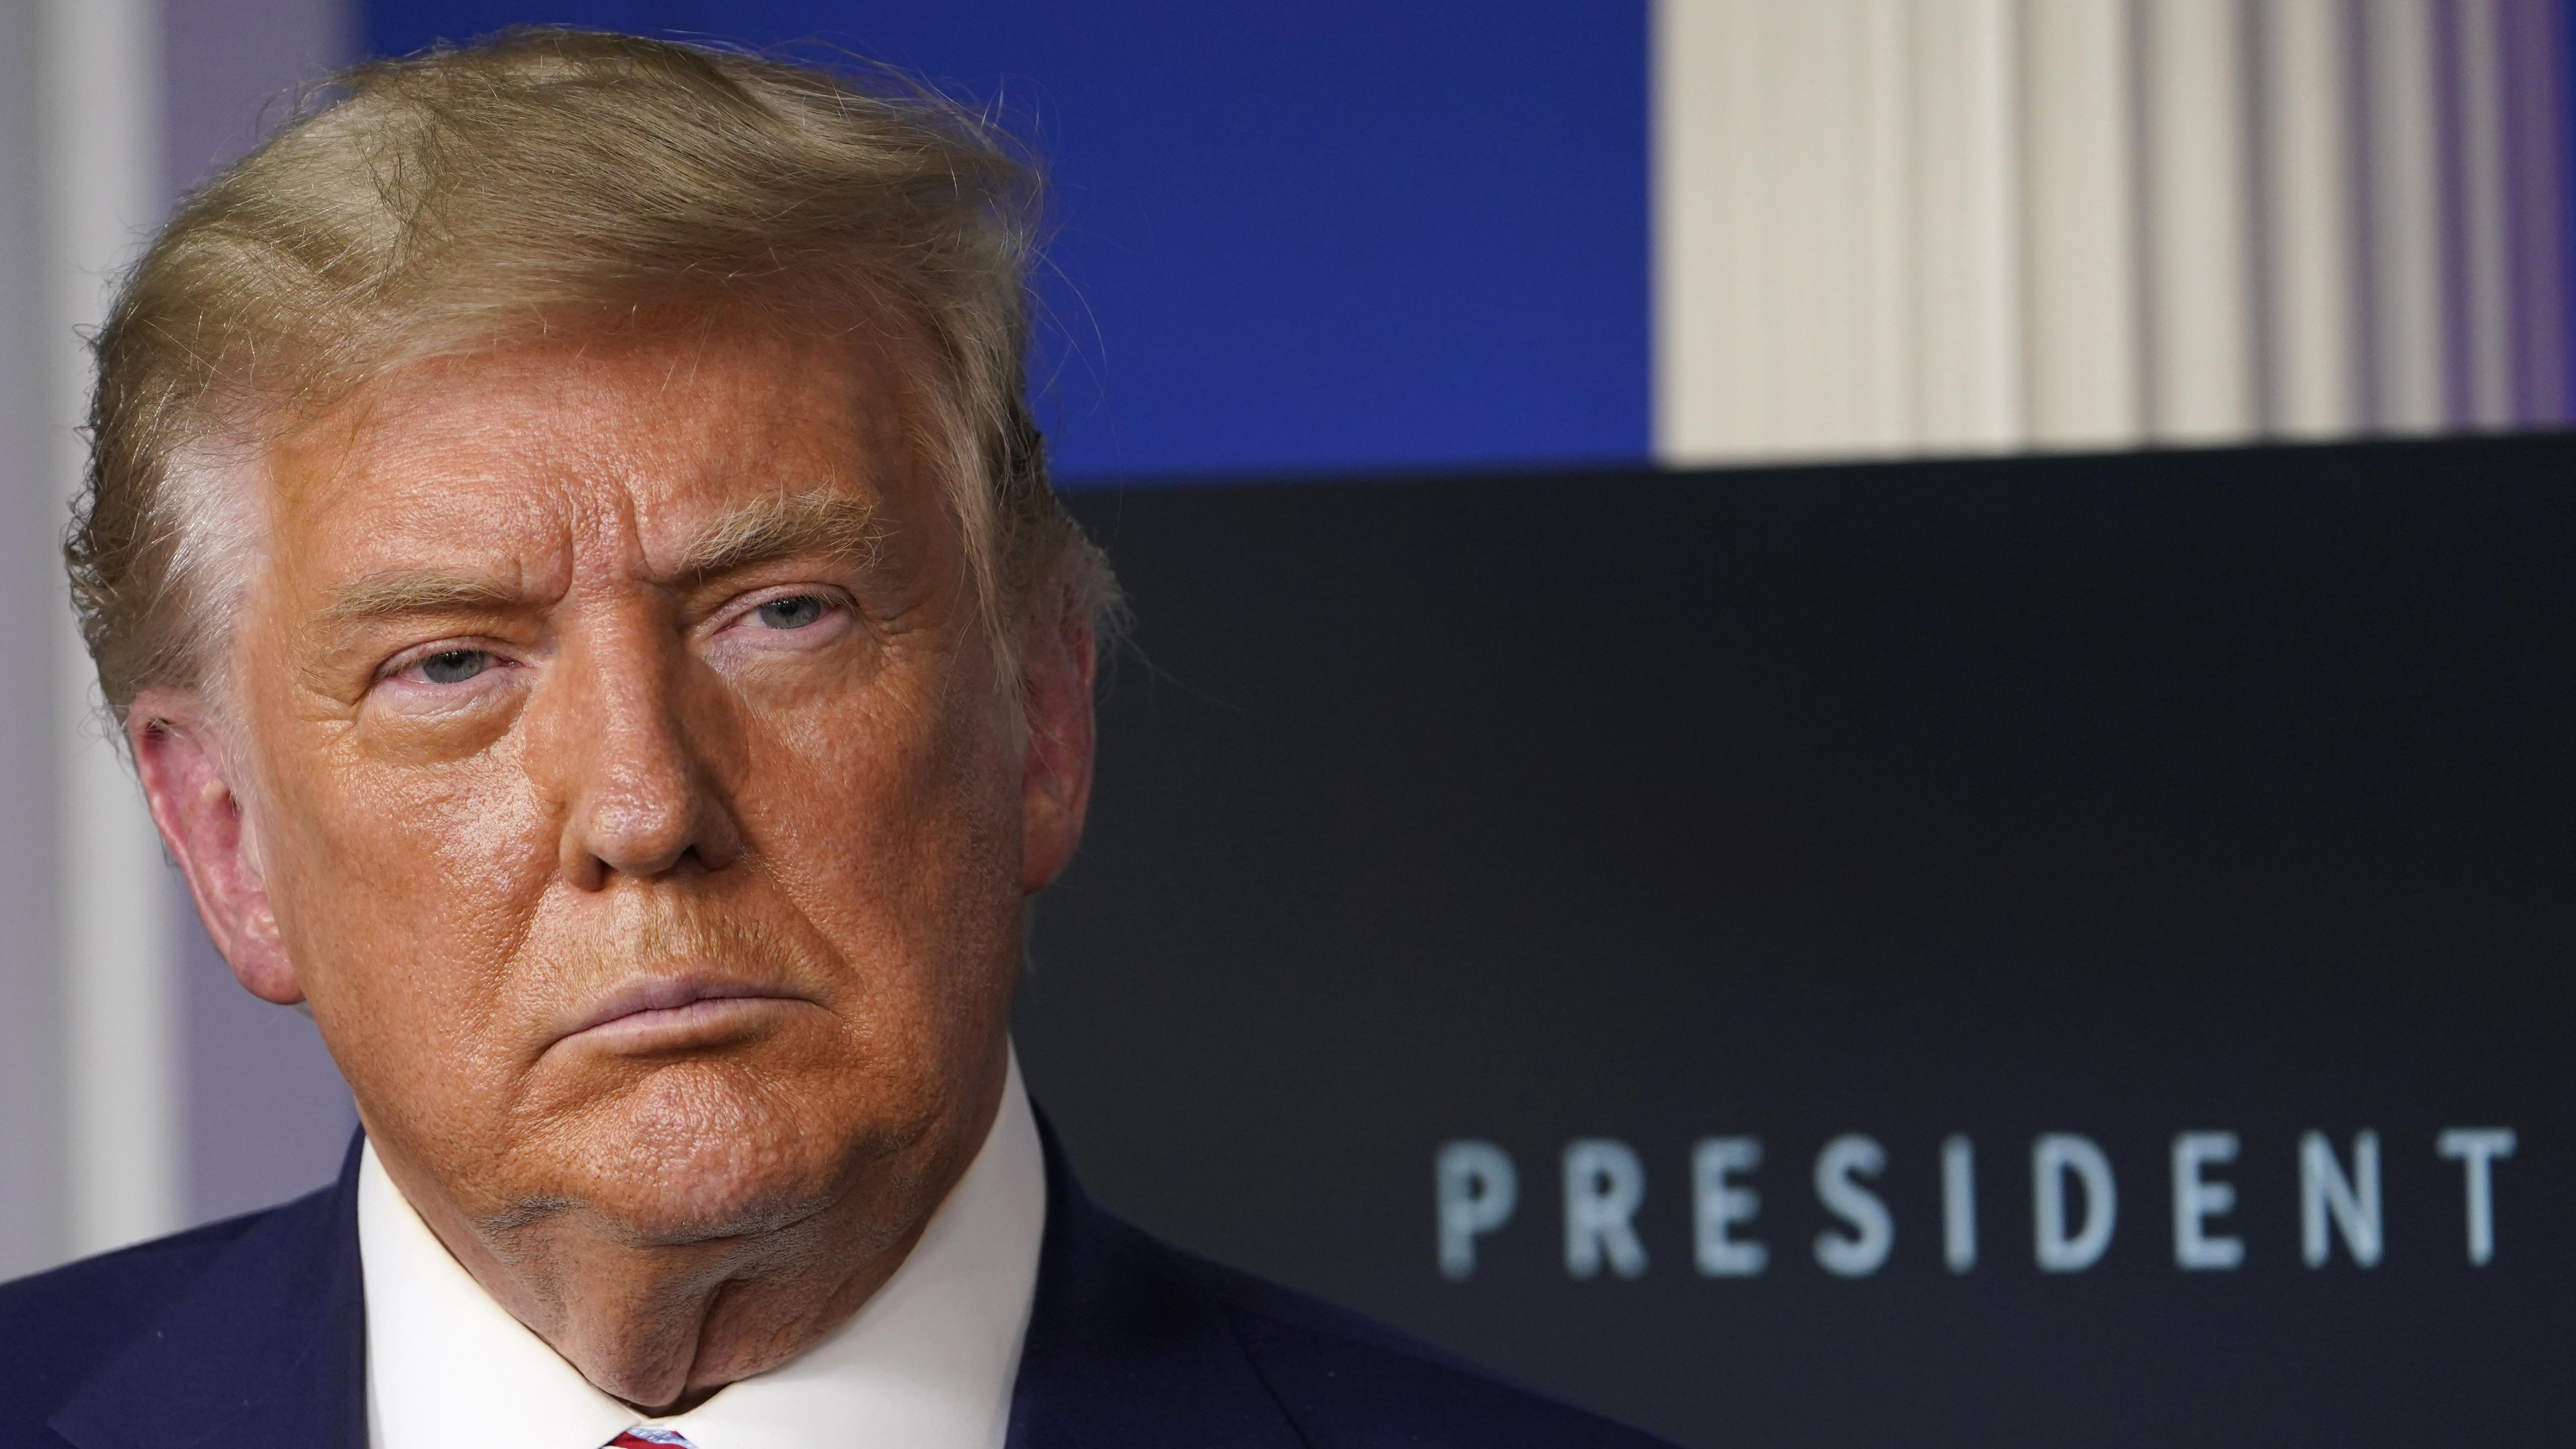 特朗普再次堅稱,自己「輕易」贏得大選,各地的點票程序存在舞弊。美聯社